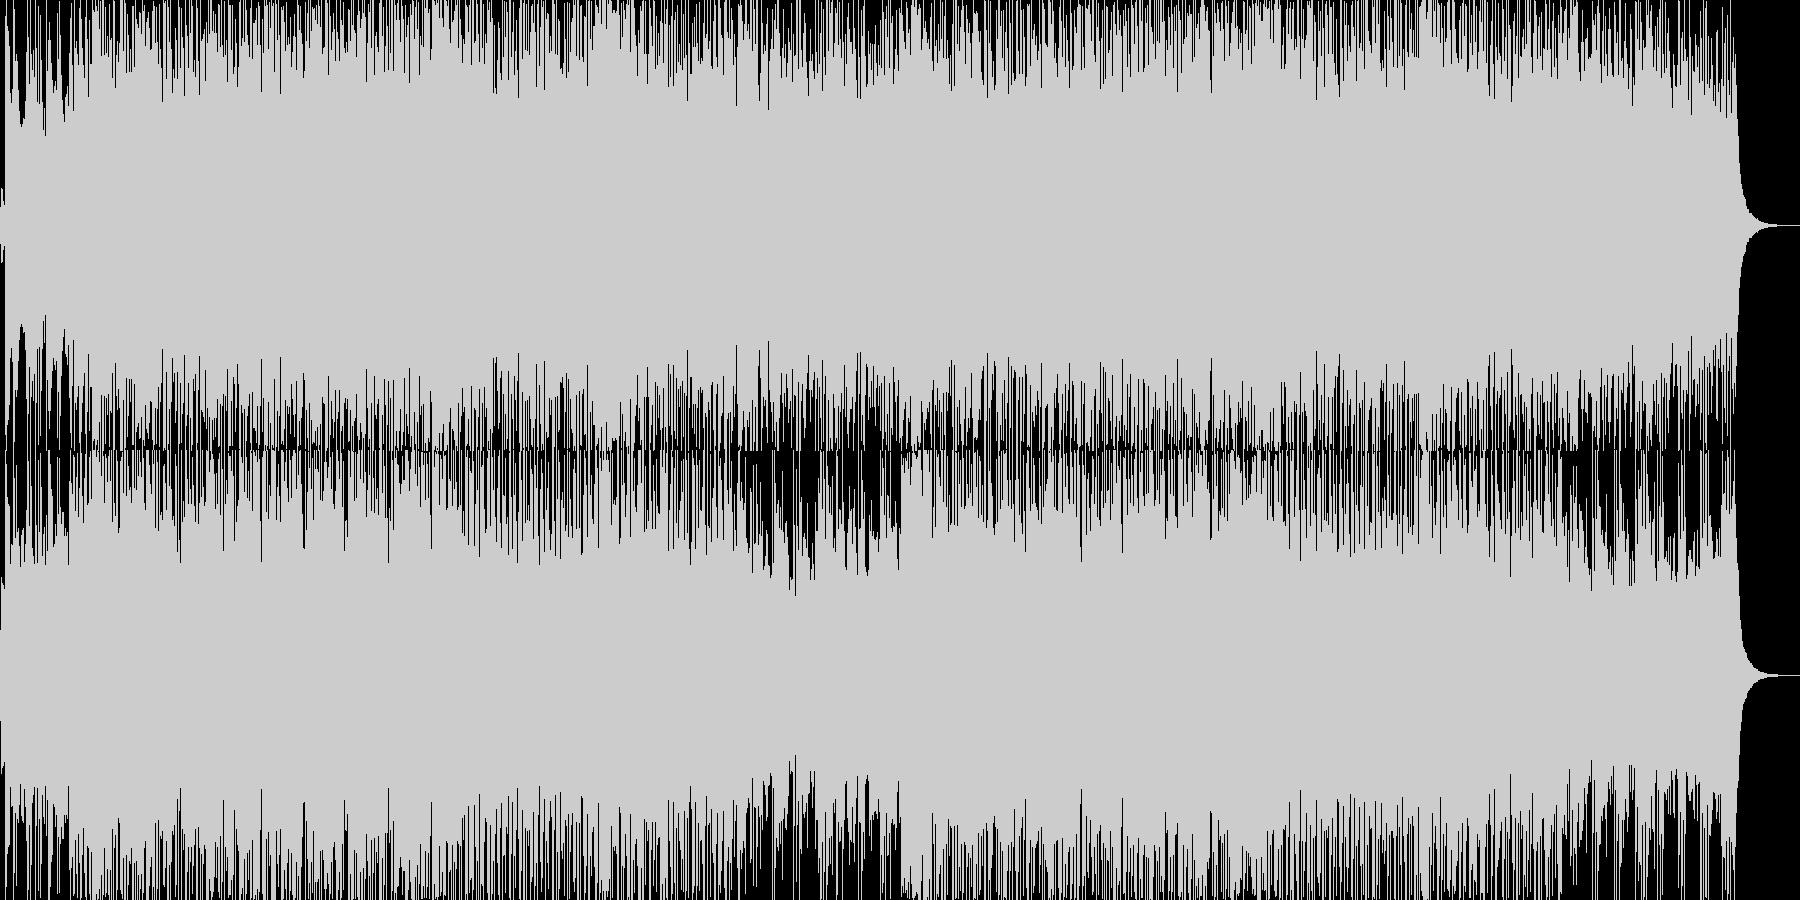 【バトルBGM】熱いロックオルガン曲の未再生の波形